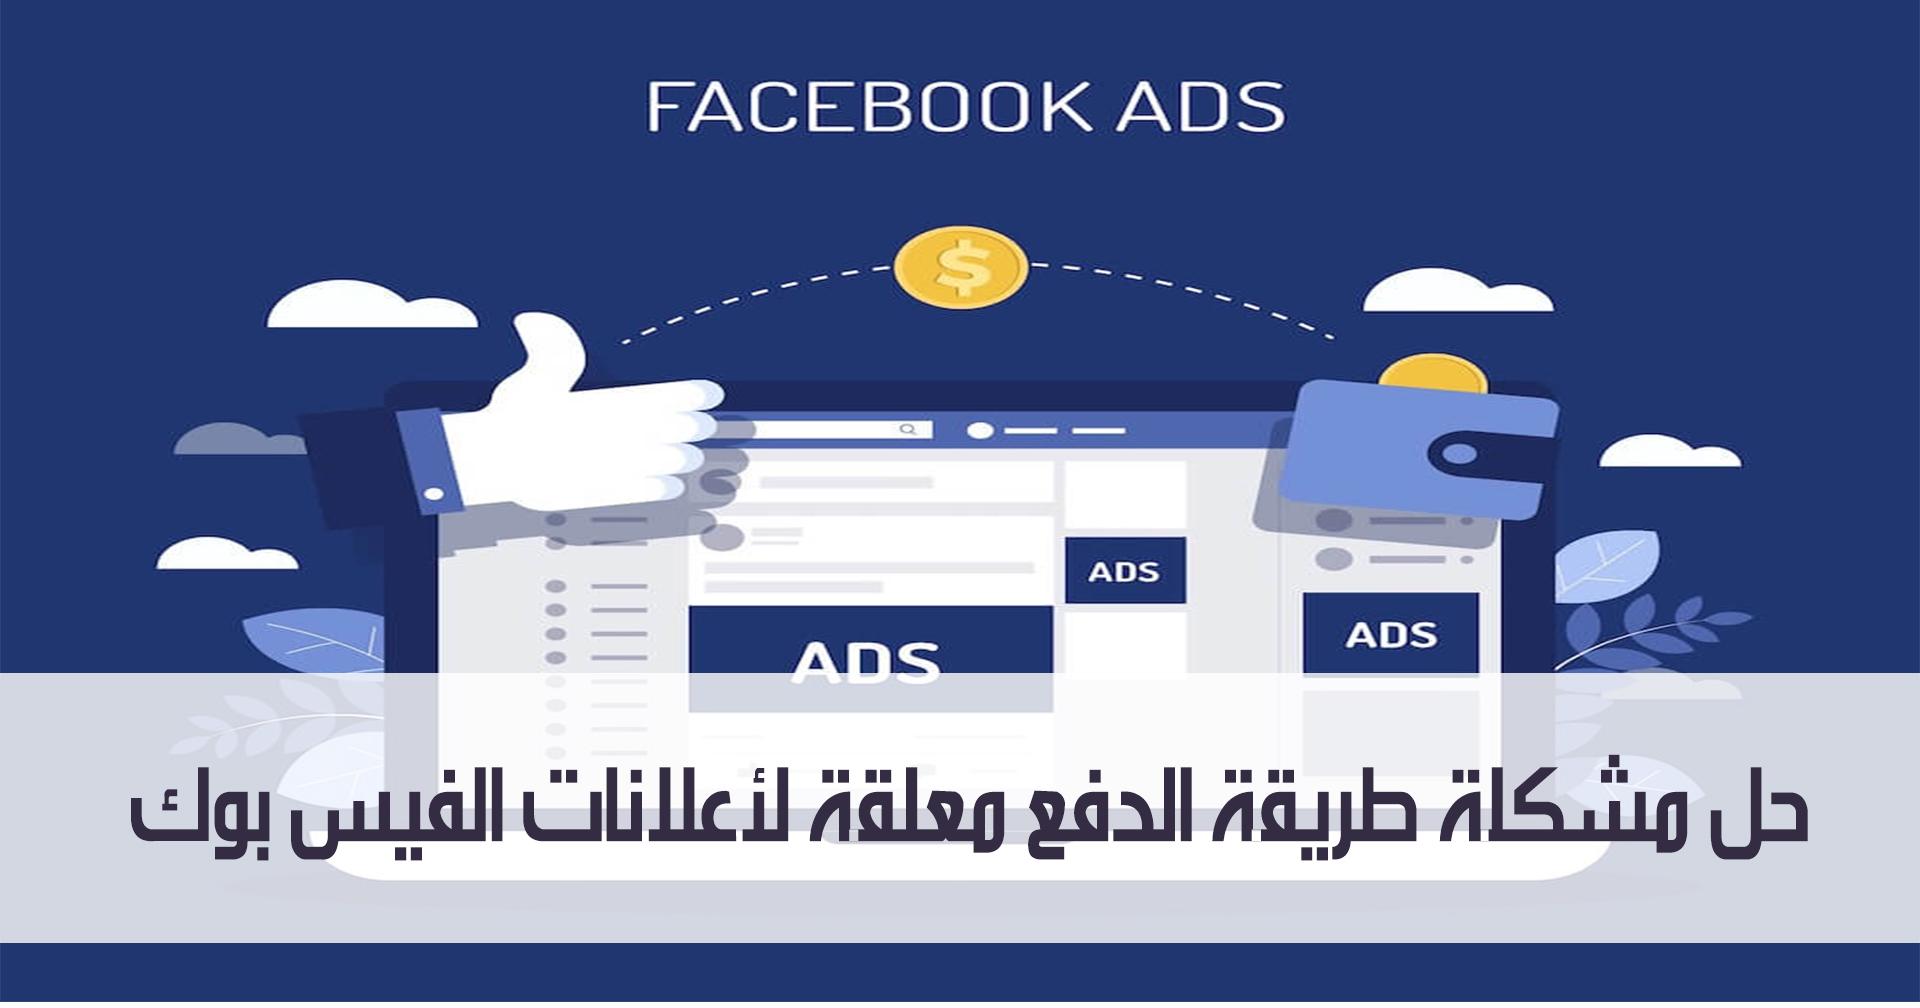 حل مشكلة طريقة الدفع معلقة لأعلانات الفيس بوك